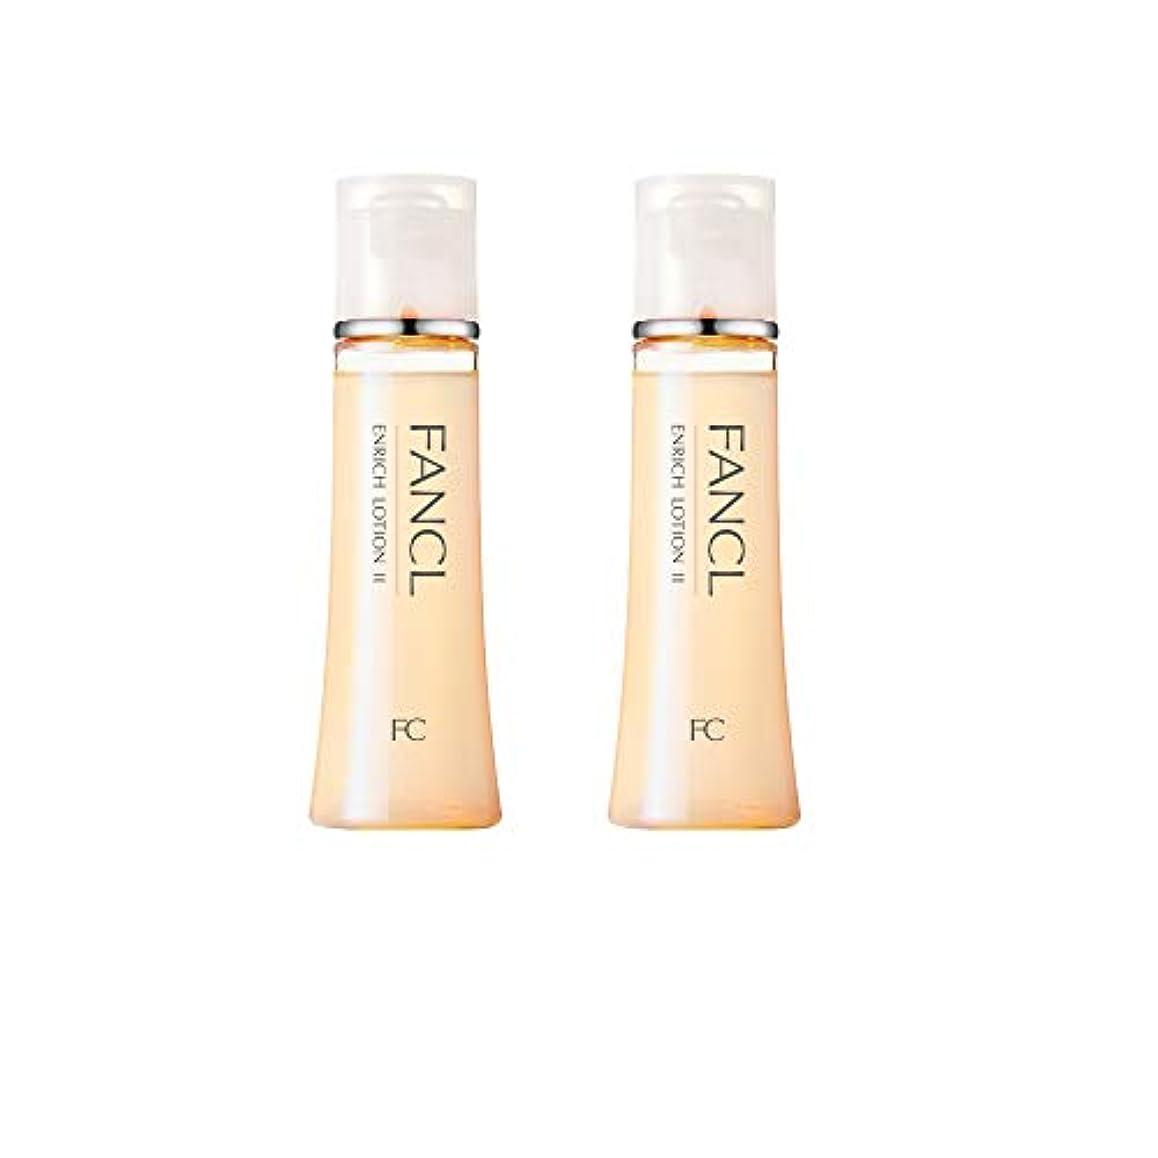 ブレンドスカリー解決ファンケル (FANCL) エンリッチ 化粧液II しっとり 2本セット30mL×2 (約60日分)